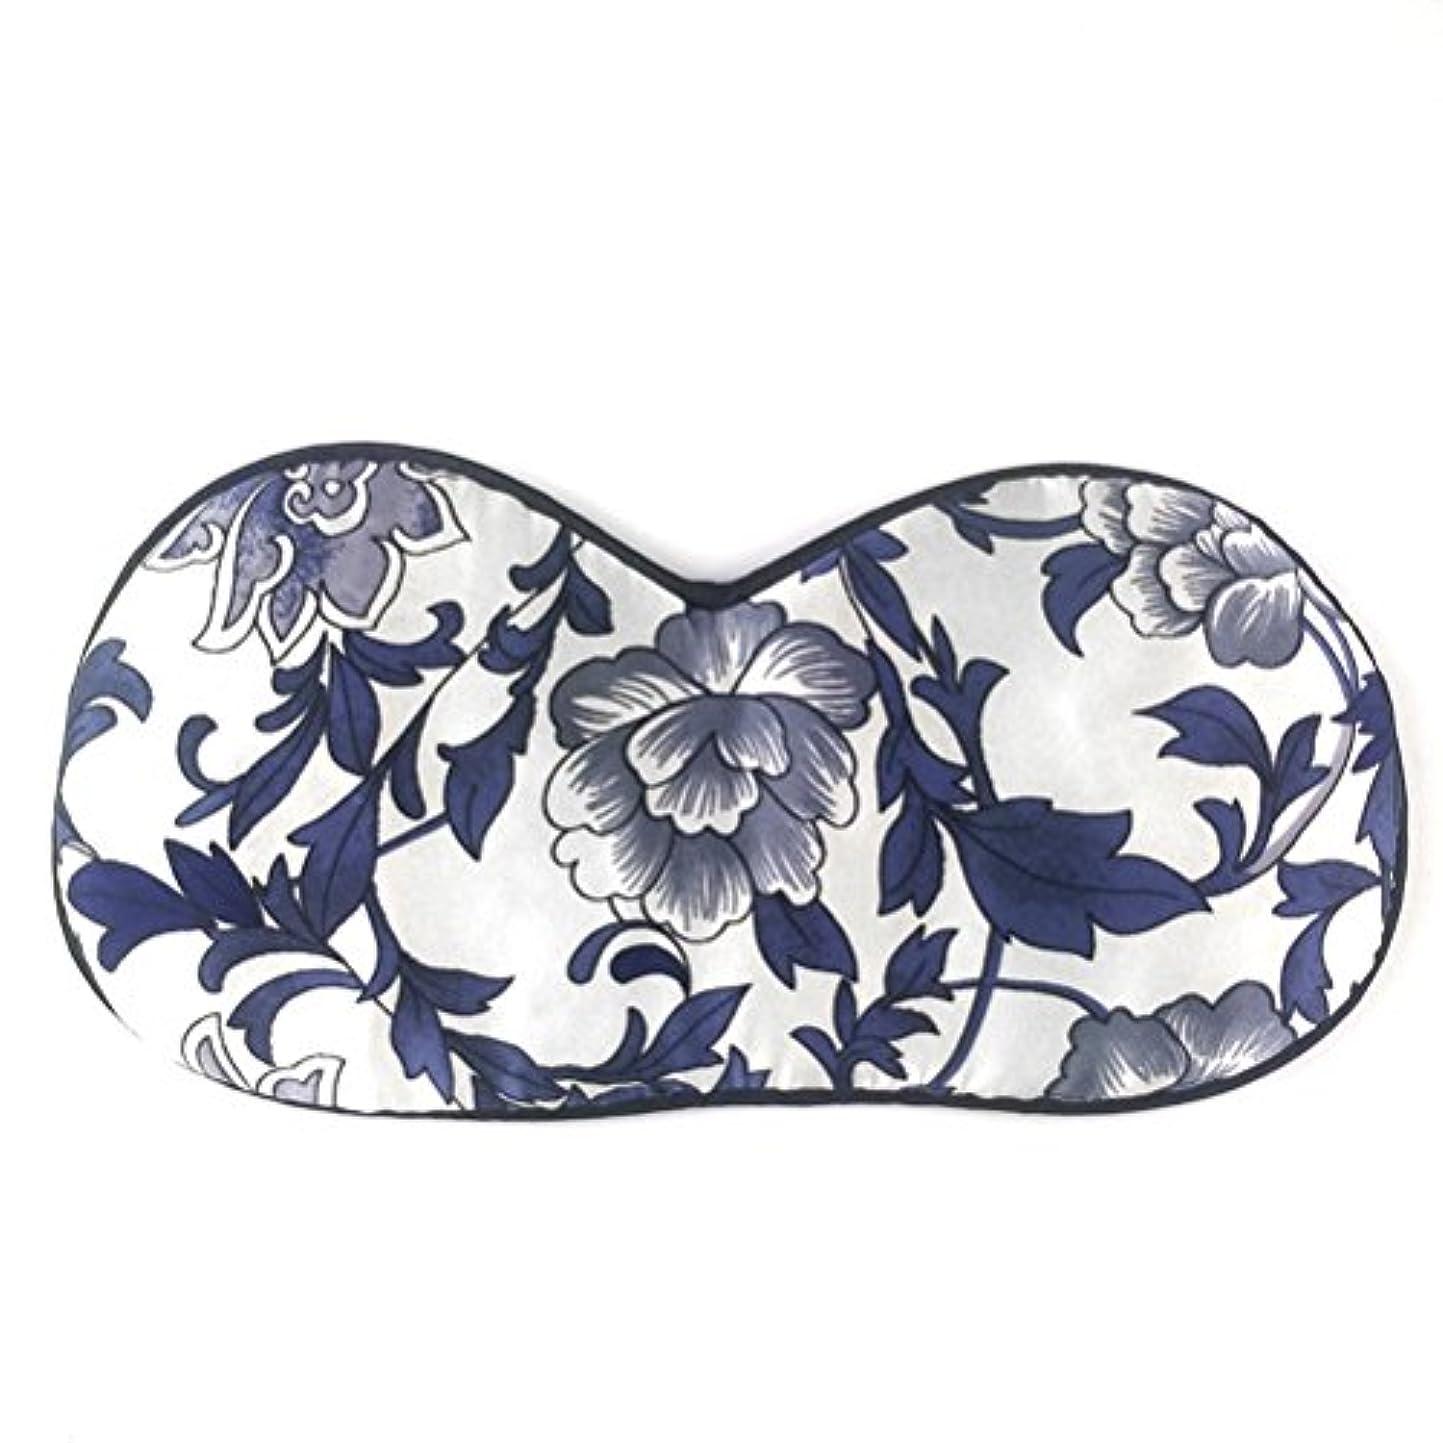 くるくる保証する学んだULTNICE シルク睡眠の目のマスク目隠しのアイシャドウ女性のための睡眠の昼寝の瞑想(青と白の磁器)